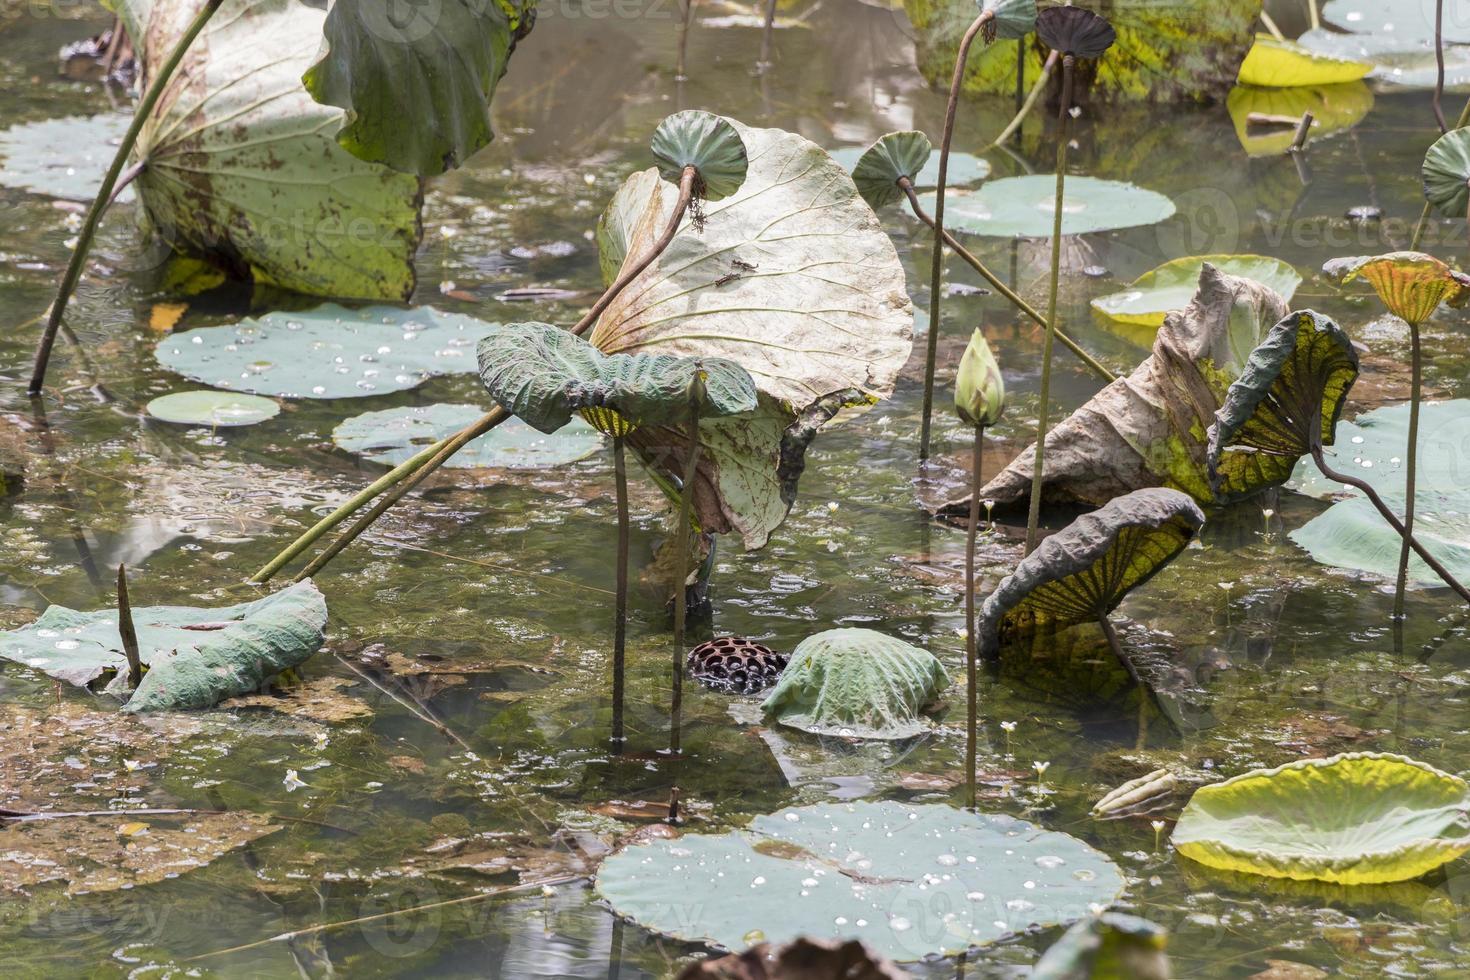 étang tropical sec avec plantes aquatiques, jardin botanique perdana. photo